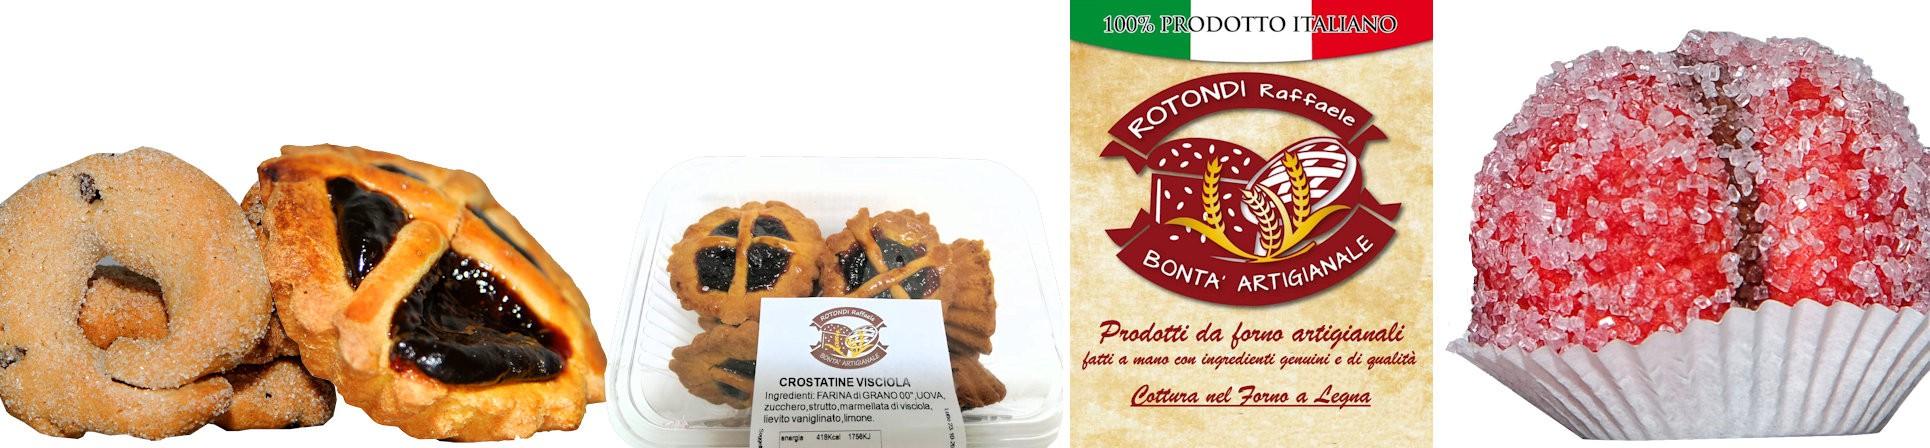 Crostatine, Ciambelline, Pesche, prodotti da forno artigianali vendita online - Bontà Artigianale